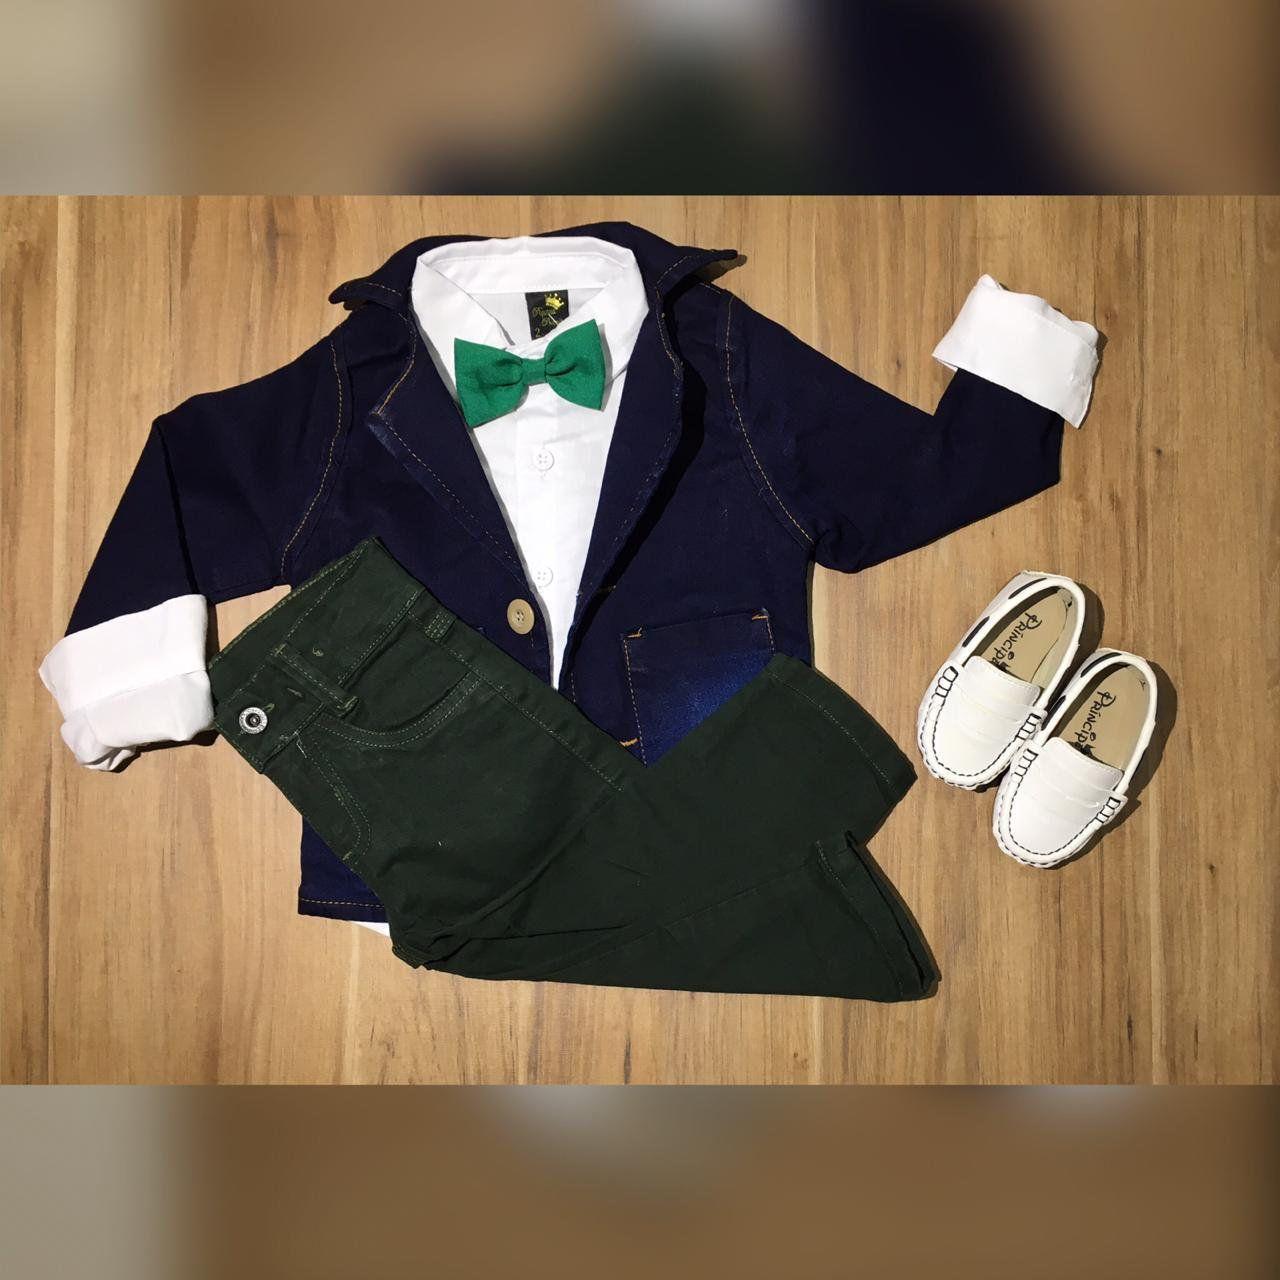 Calça Verde Camisa Branca e Gravata com Blazer Jeans